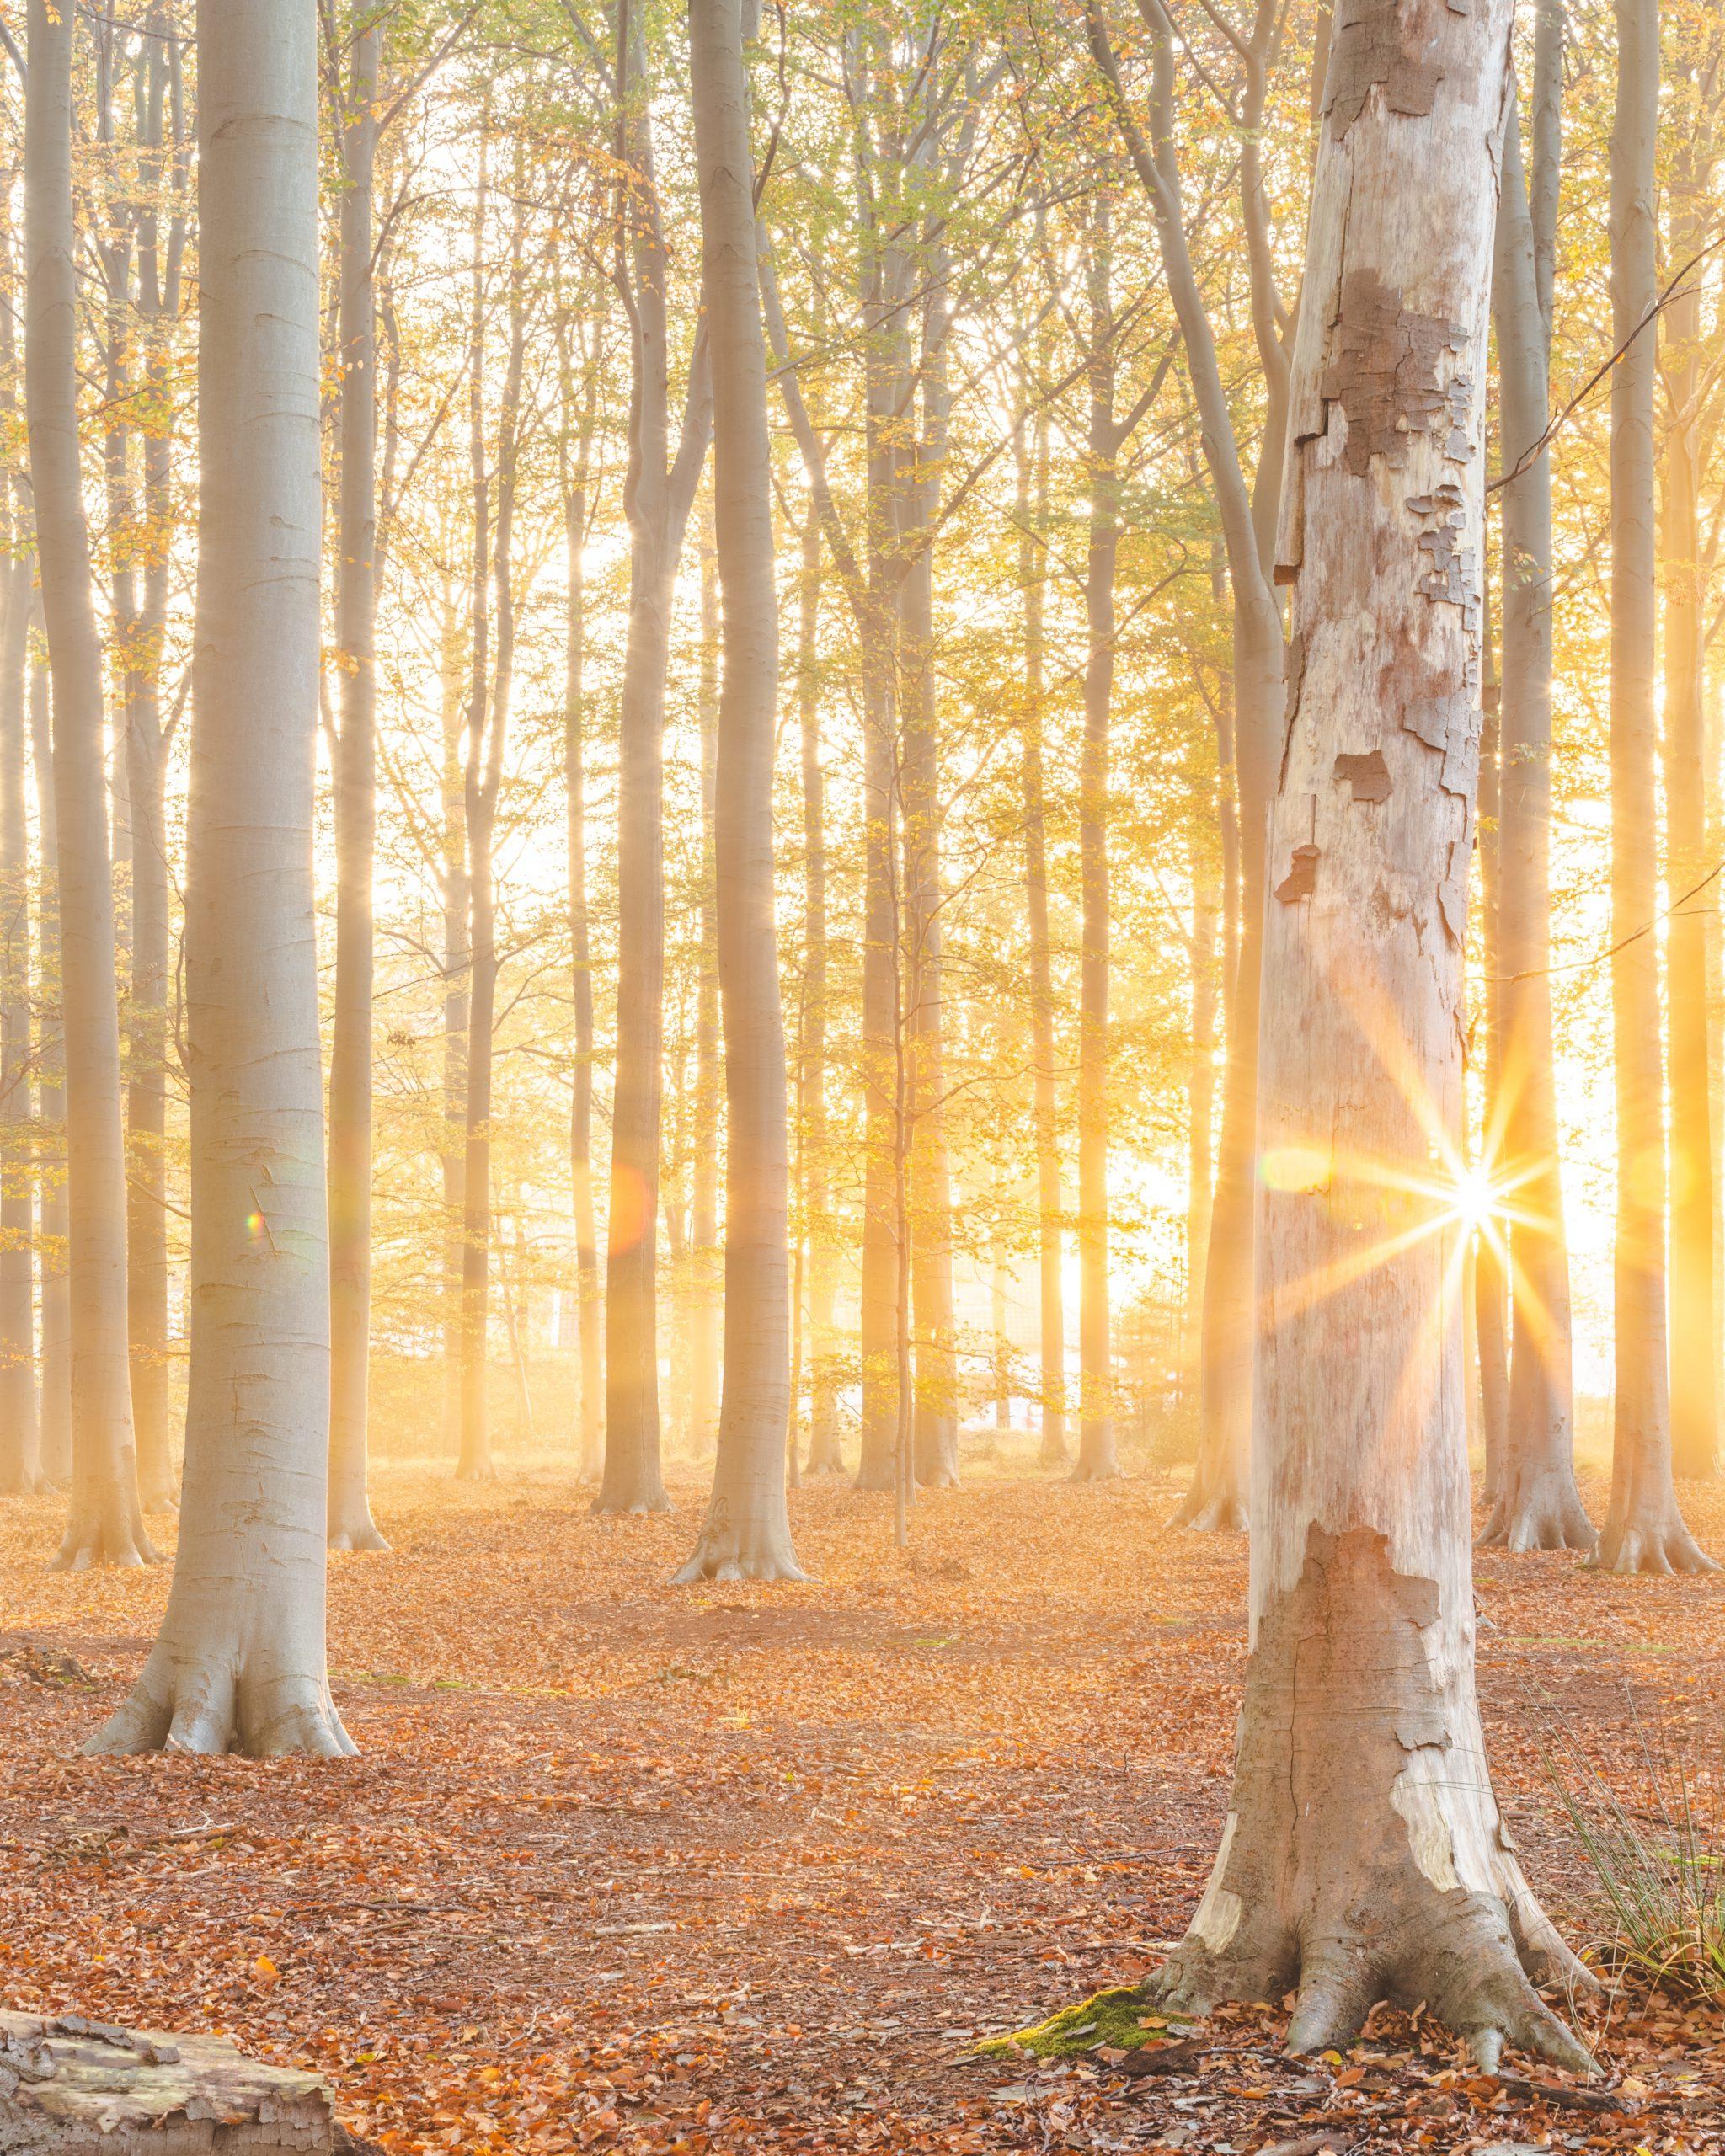 Bright sun bursting through trees